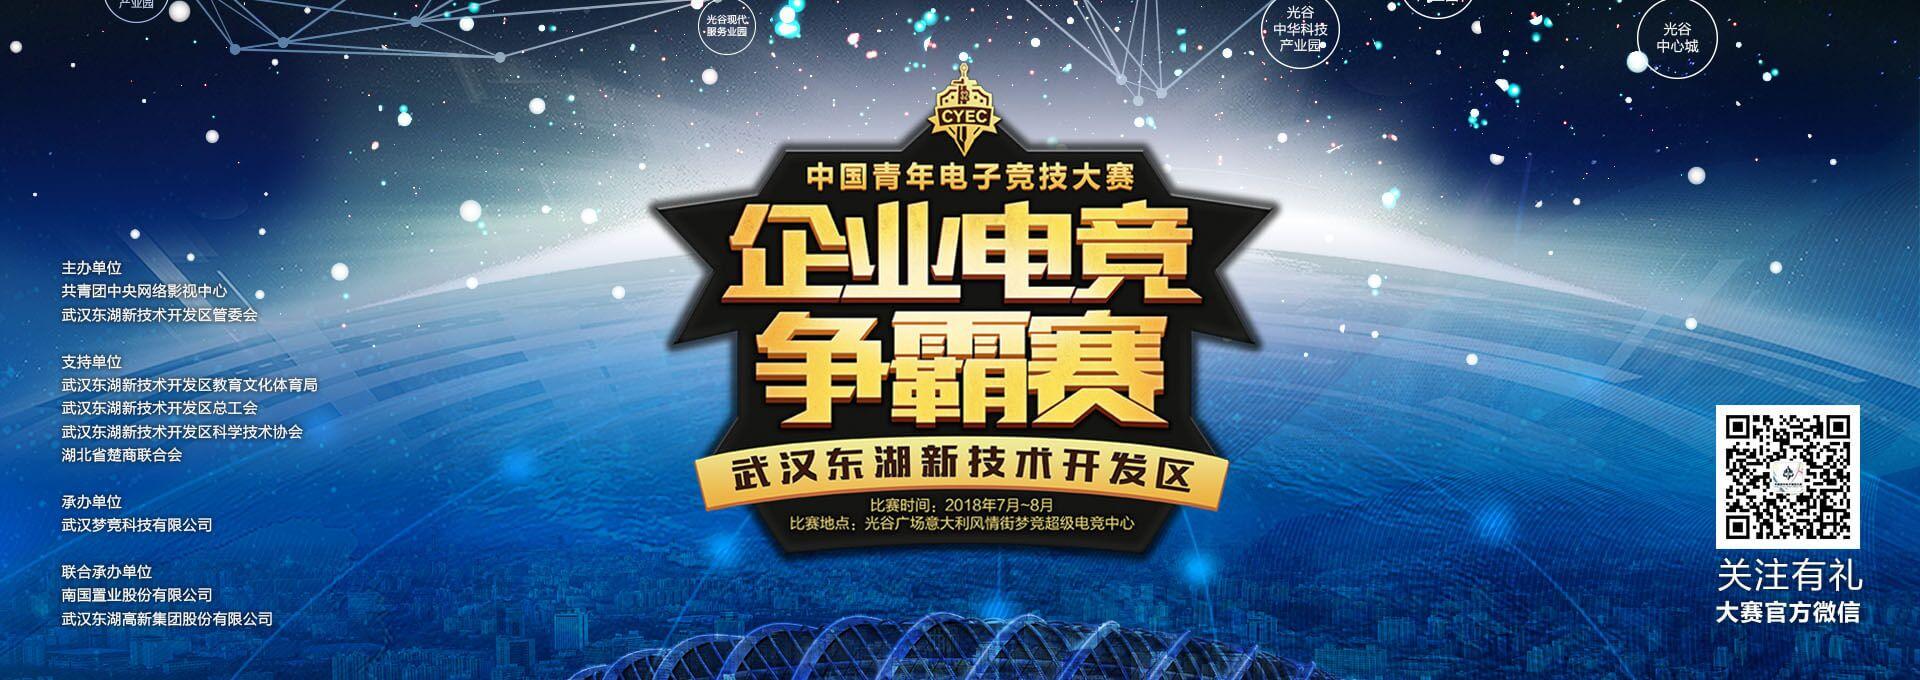 中国青年电子竞技大赛企业电竞争霸赛